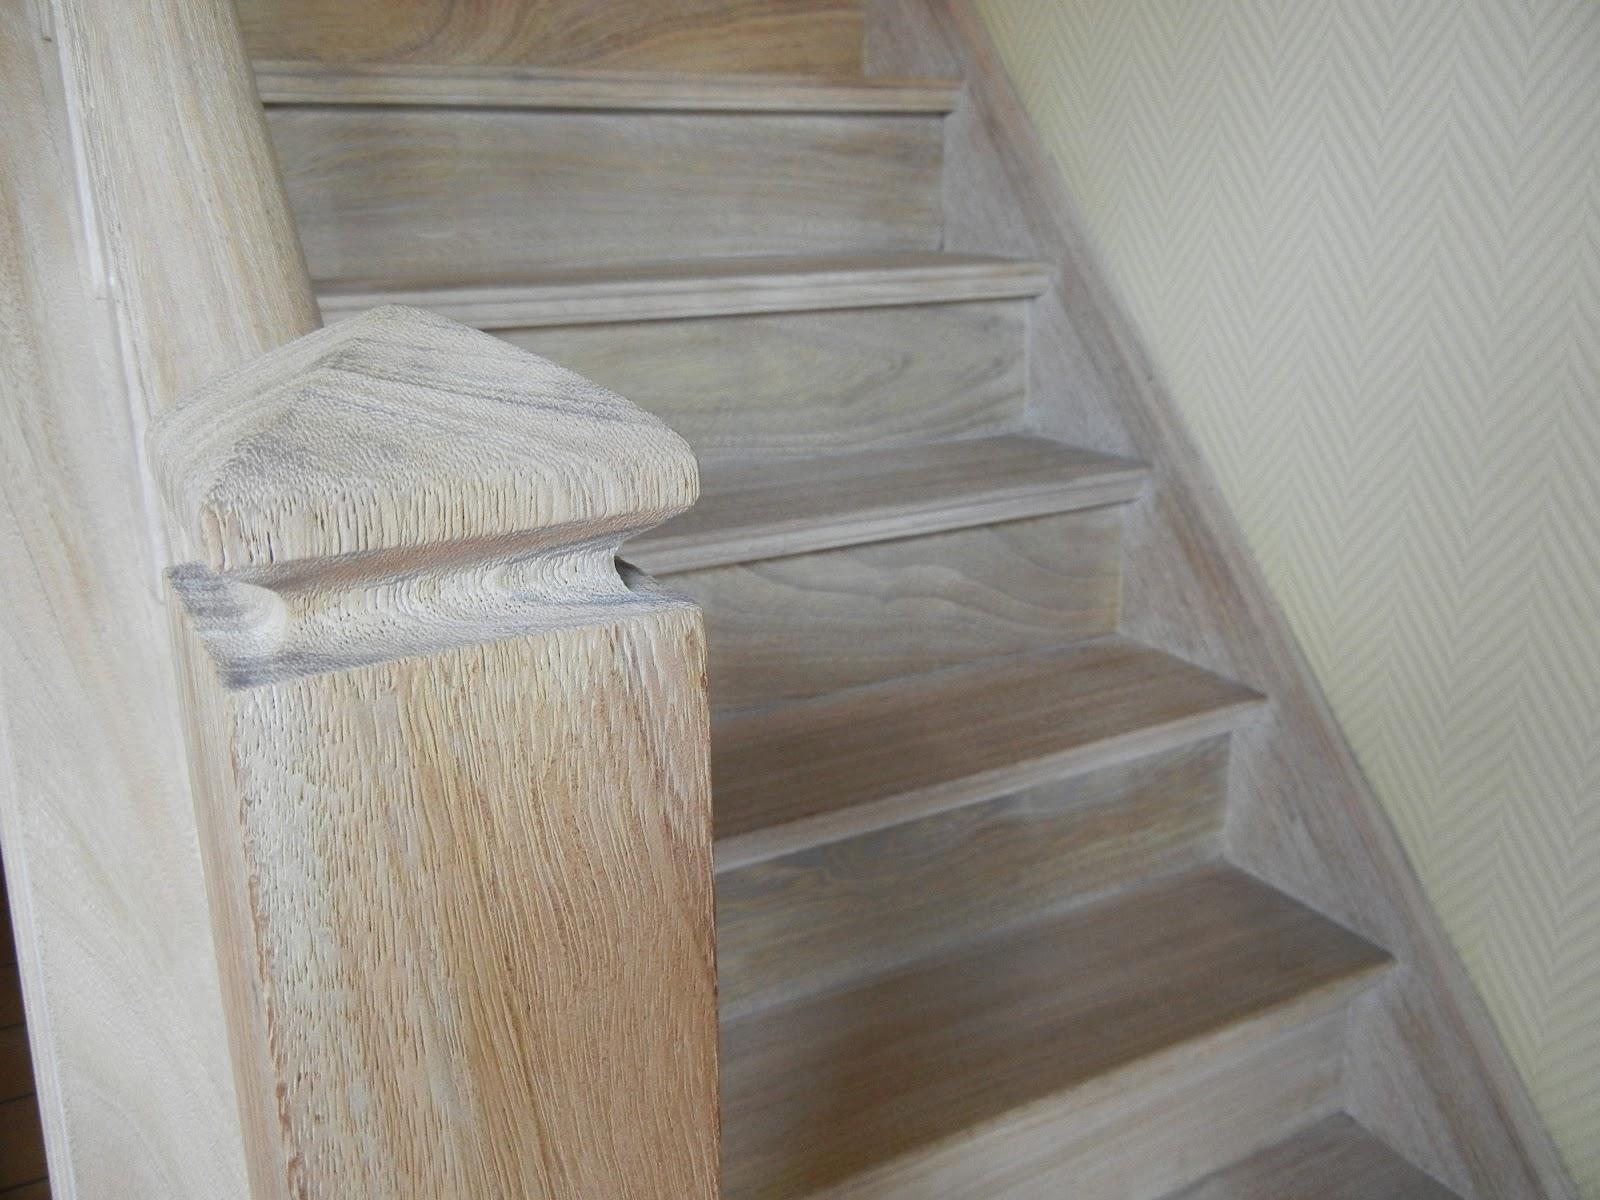 Trappen zandstralen en verwijderen van verf en vernis - Renovatie van een houten trap ...